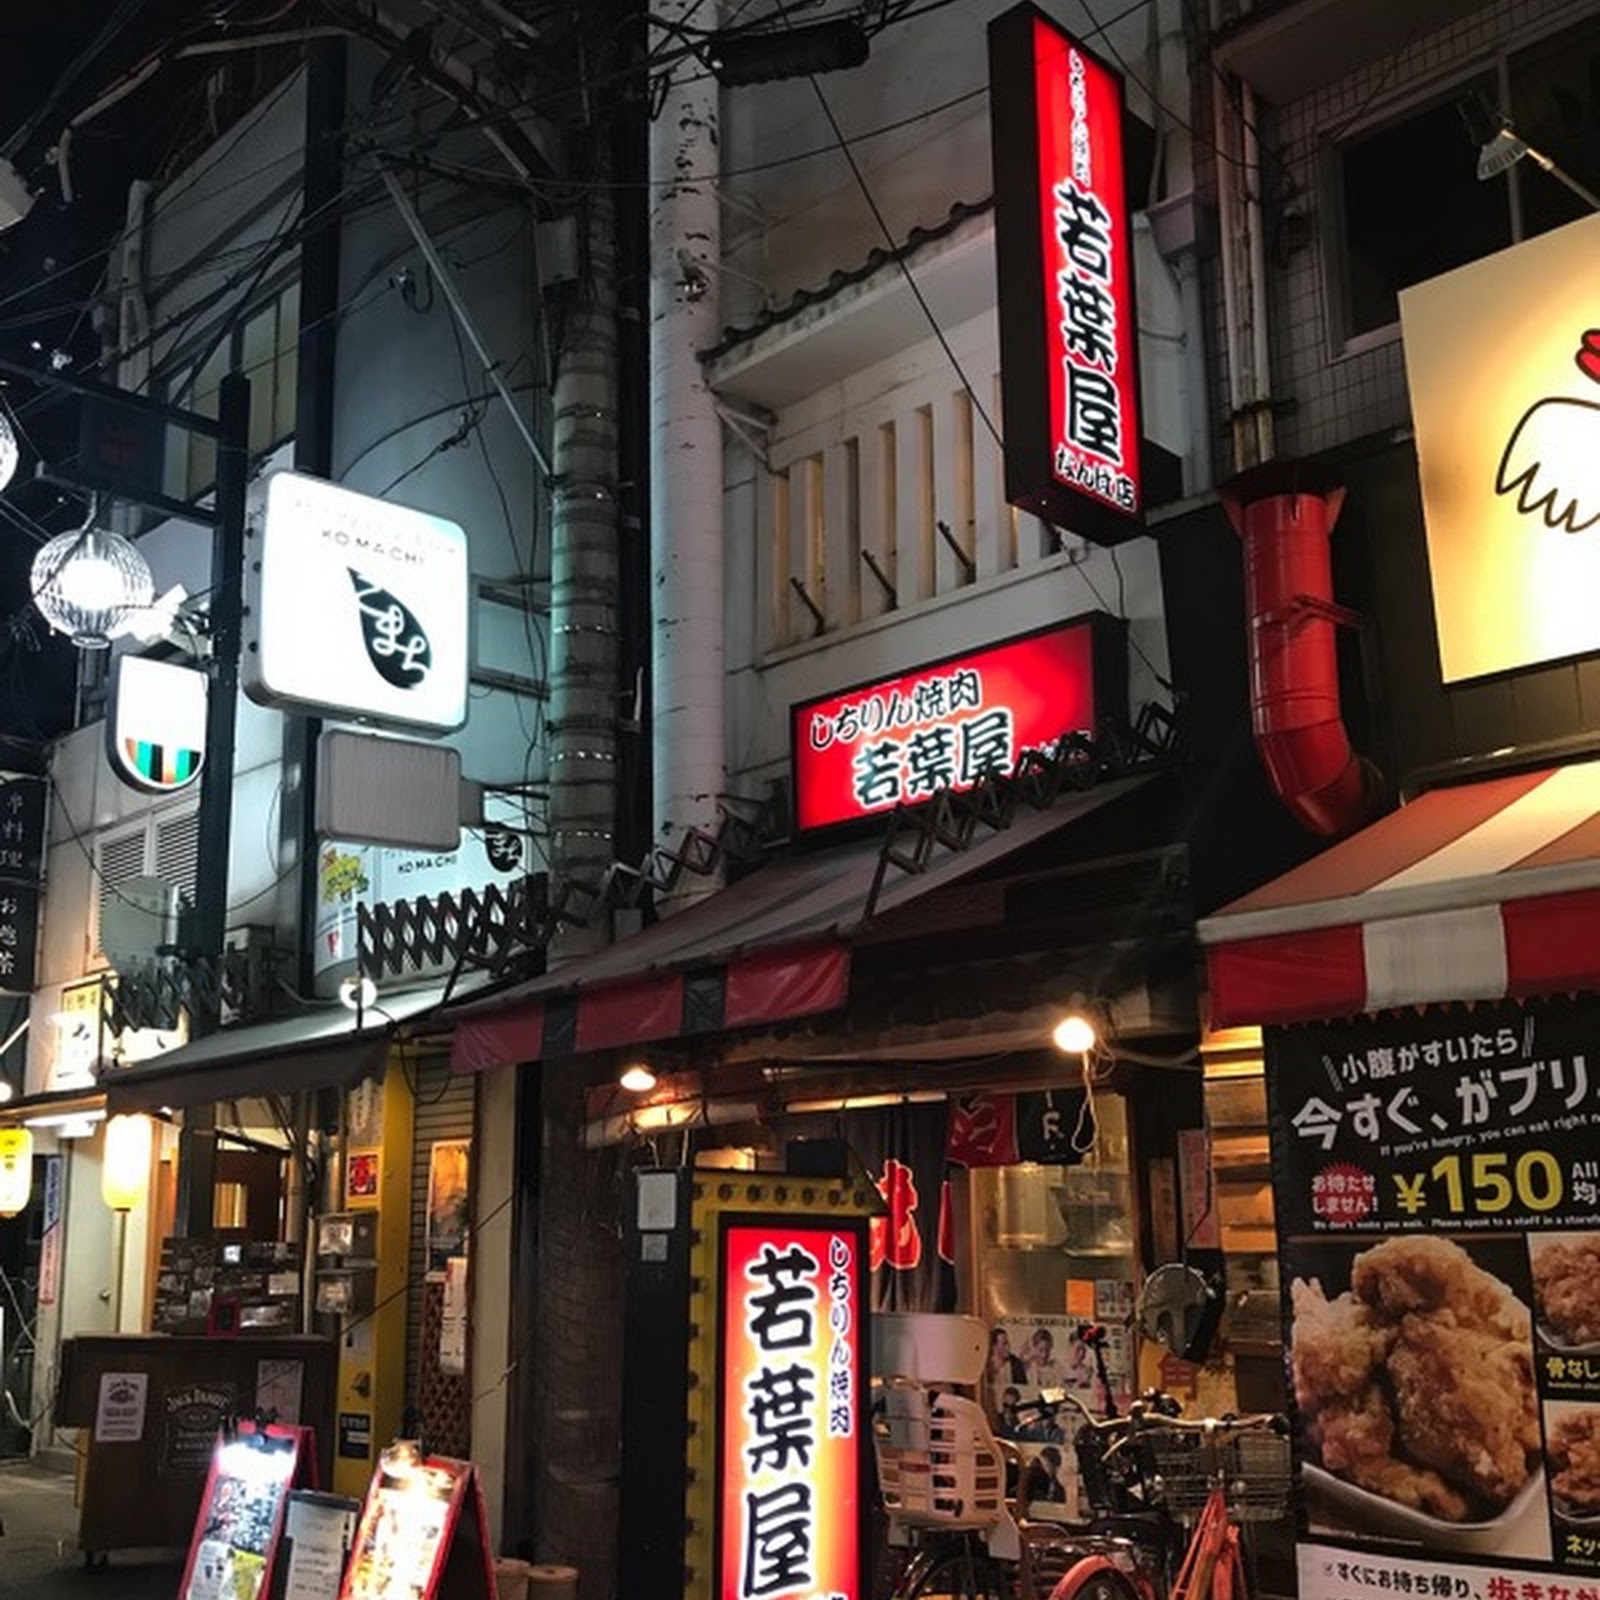 老娘遊記 2018 (06 – 16 March) @ 關西 Day 10(3) 大阪平價炭火燒肉晚餐 若葉屋